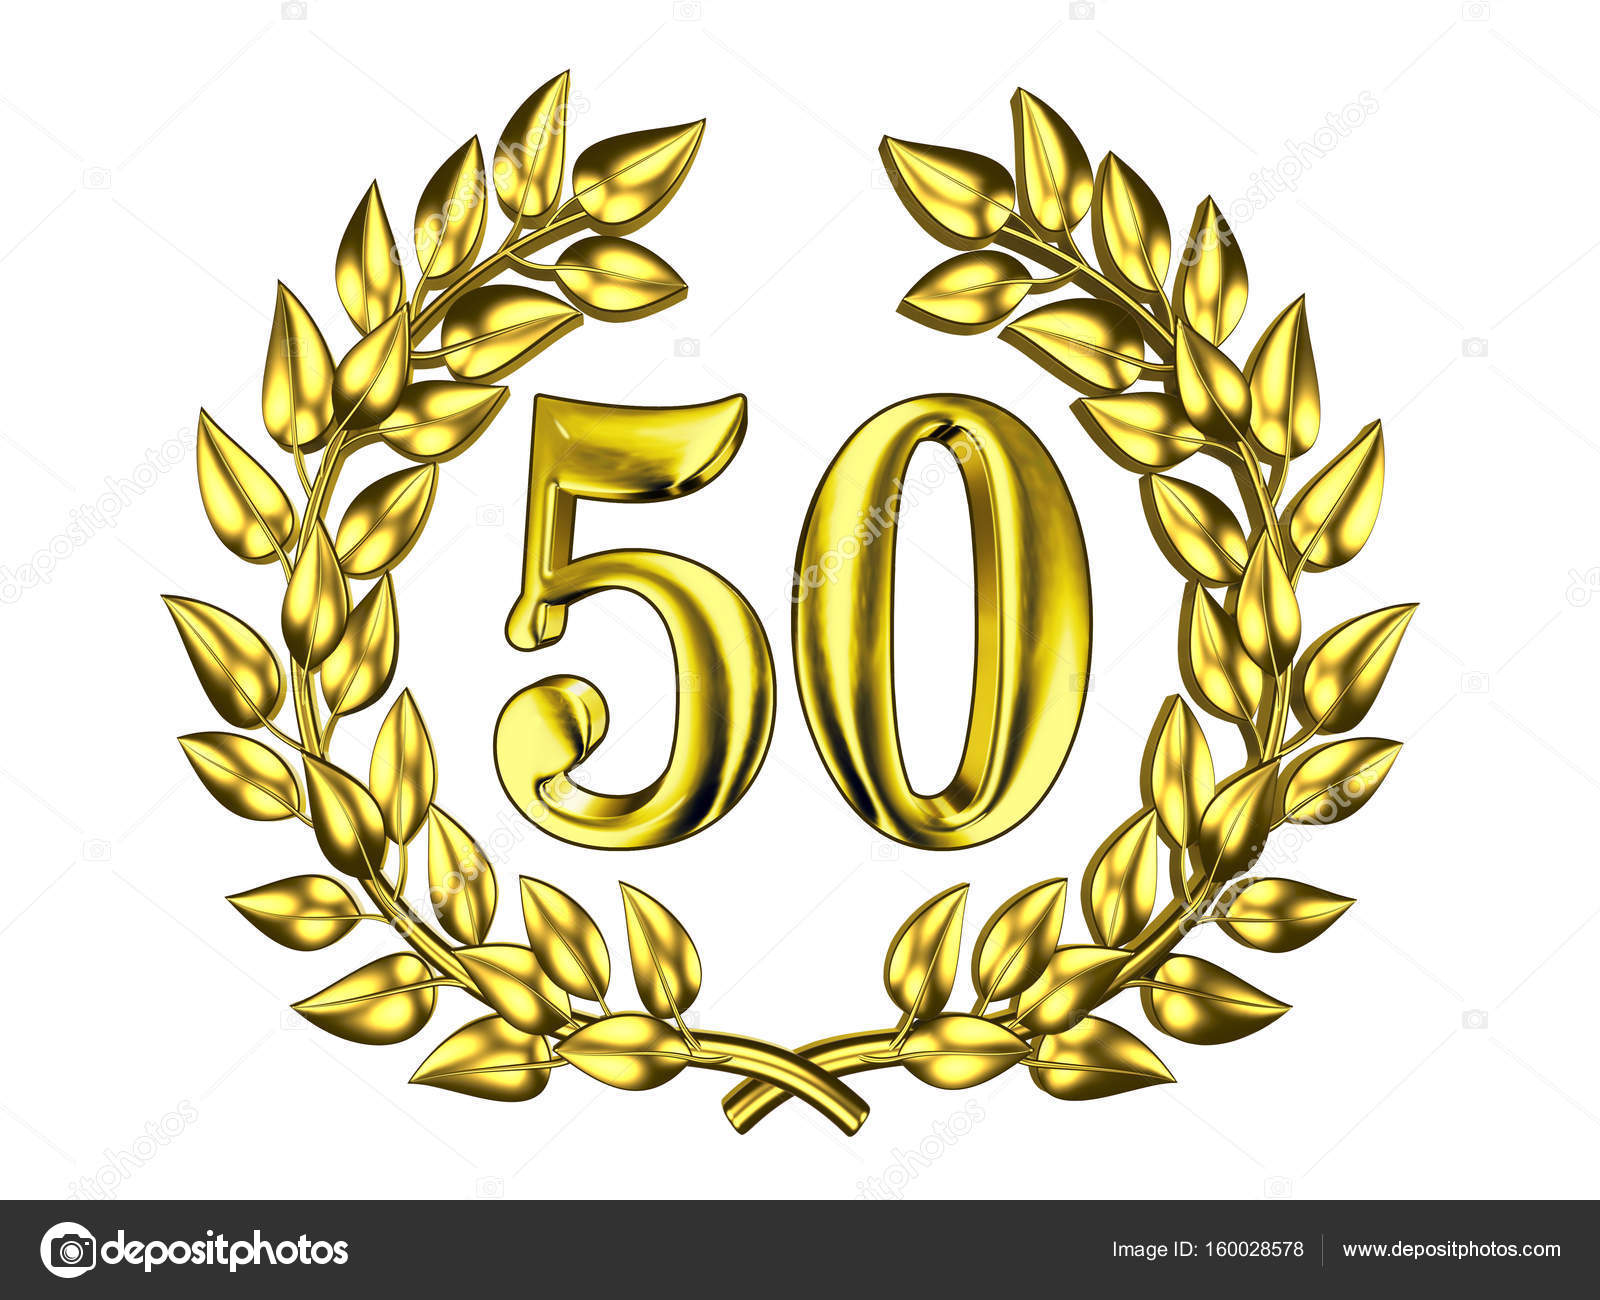 Chiffre dor de 50 dans une couronne dor  Photographie Dmitrydesign  160028578